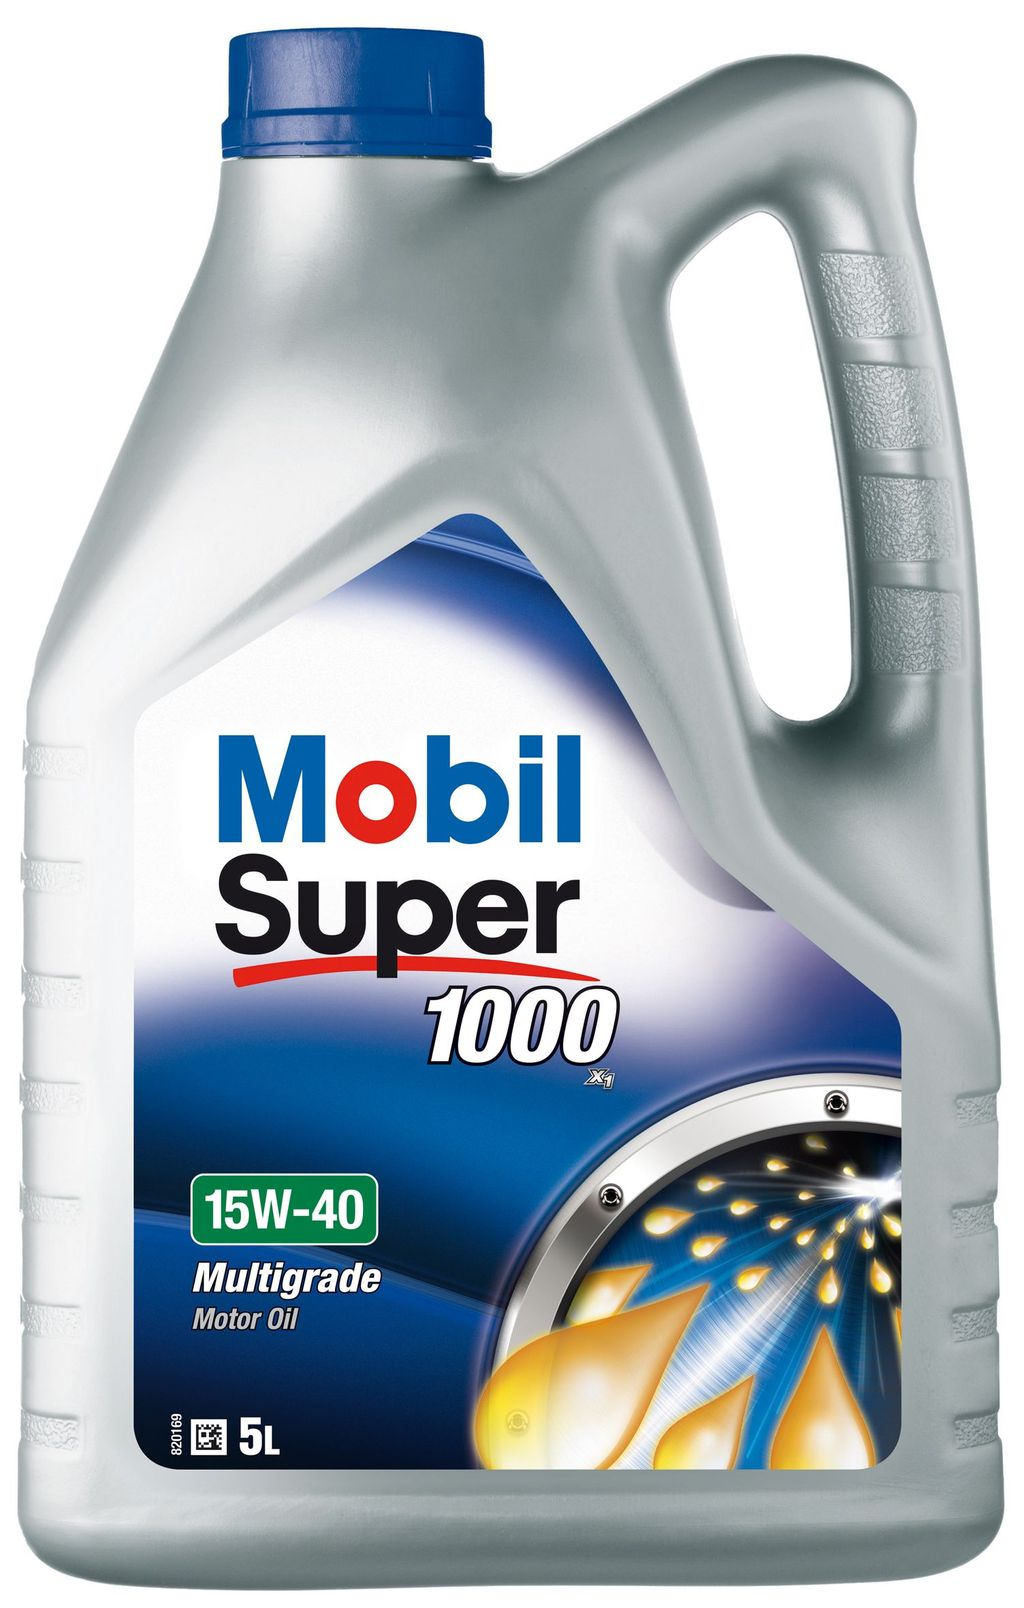 Huile moteur mobil super 1000 5 litres 15w40 - mobil